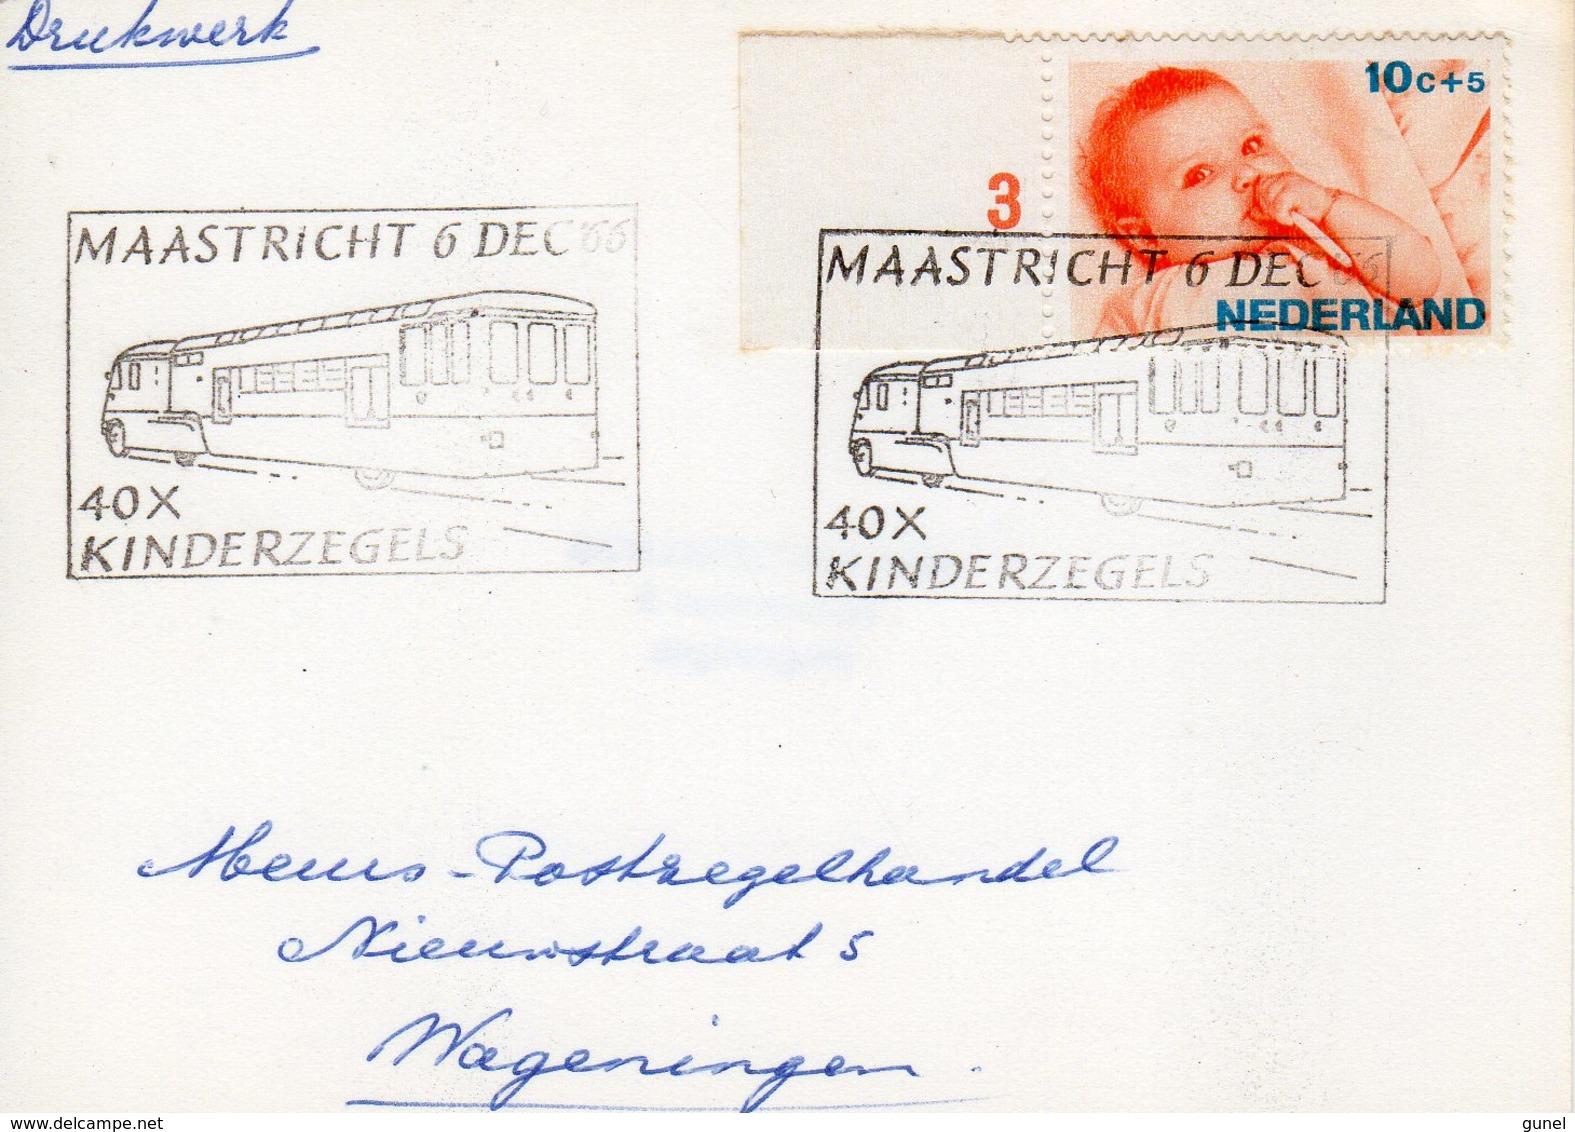 6 DEC 86 Gelegenheidsstempel Maastricht 40x Kinderzegels Op Bk Naar Wageningen - Marcophilie